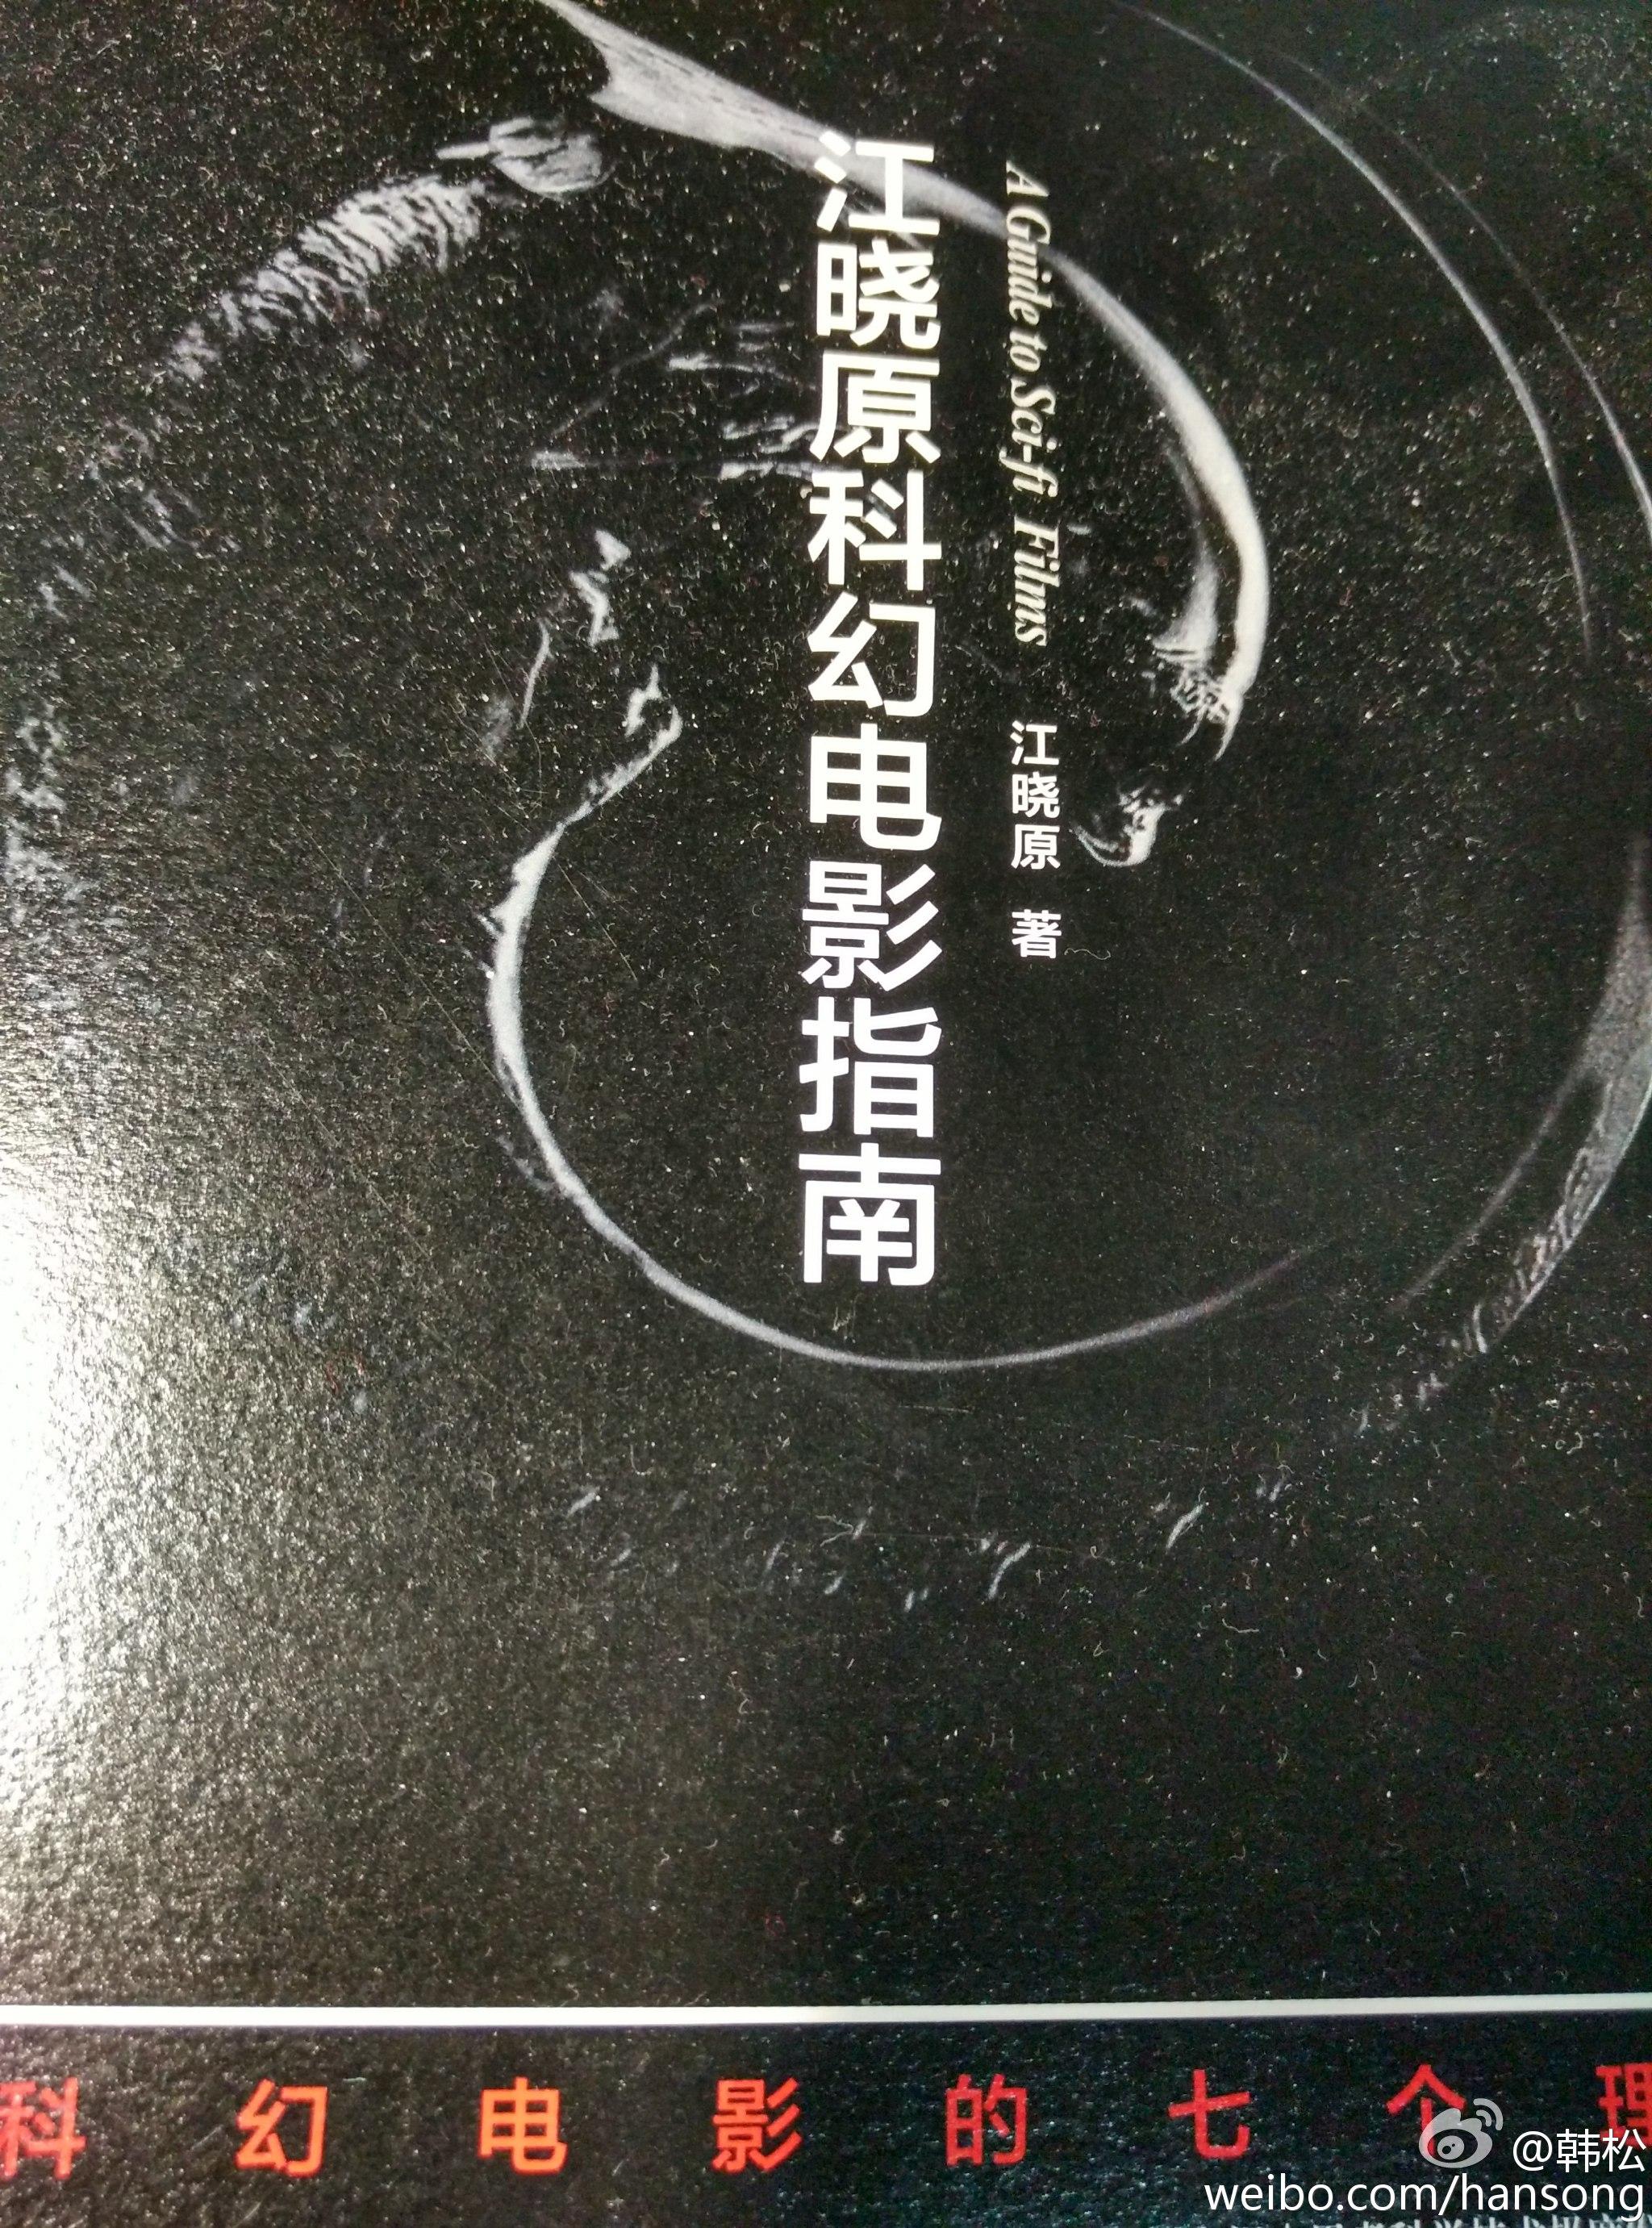 中国为什么需要一部科幻电影指南